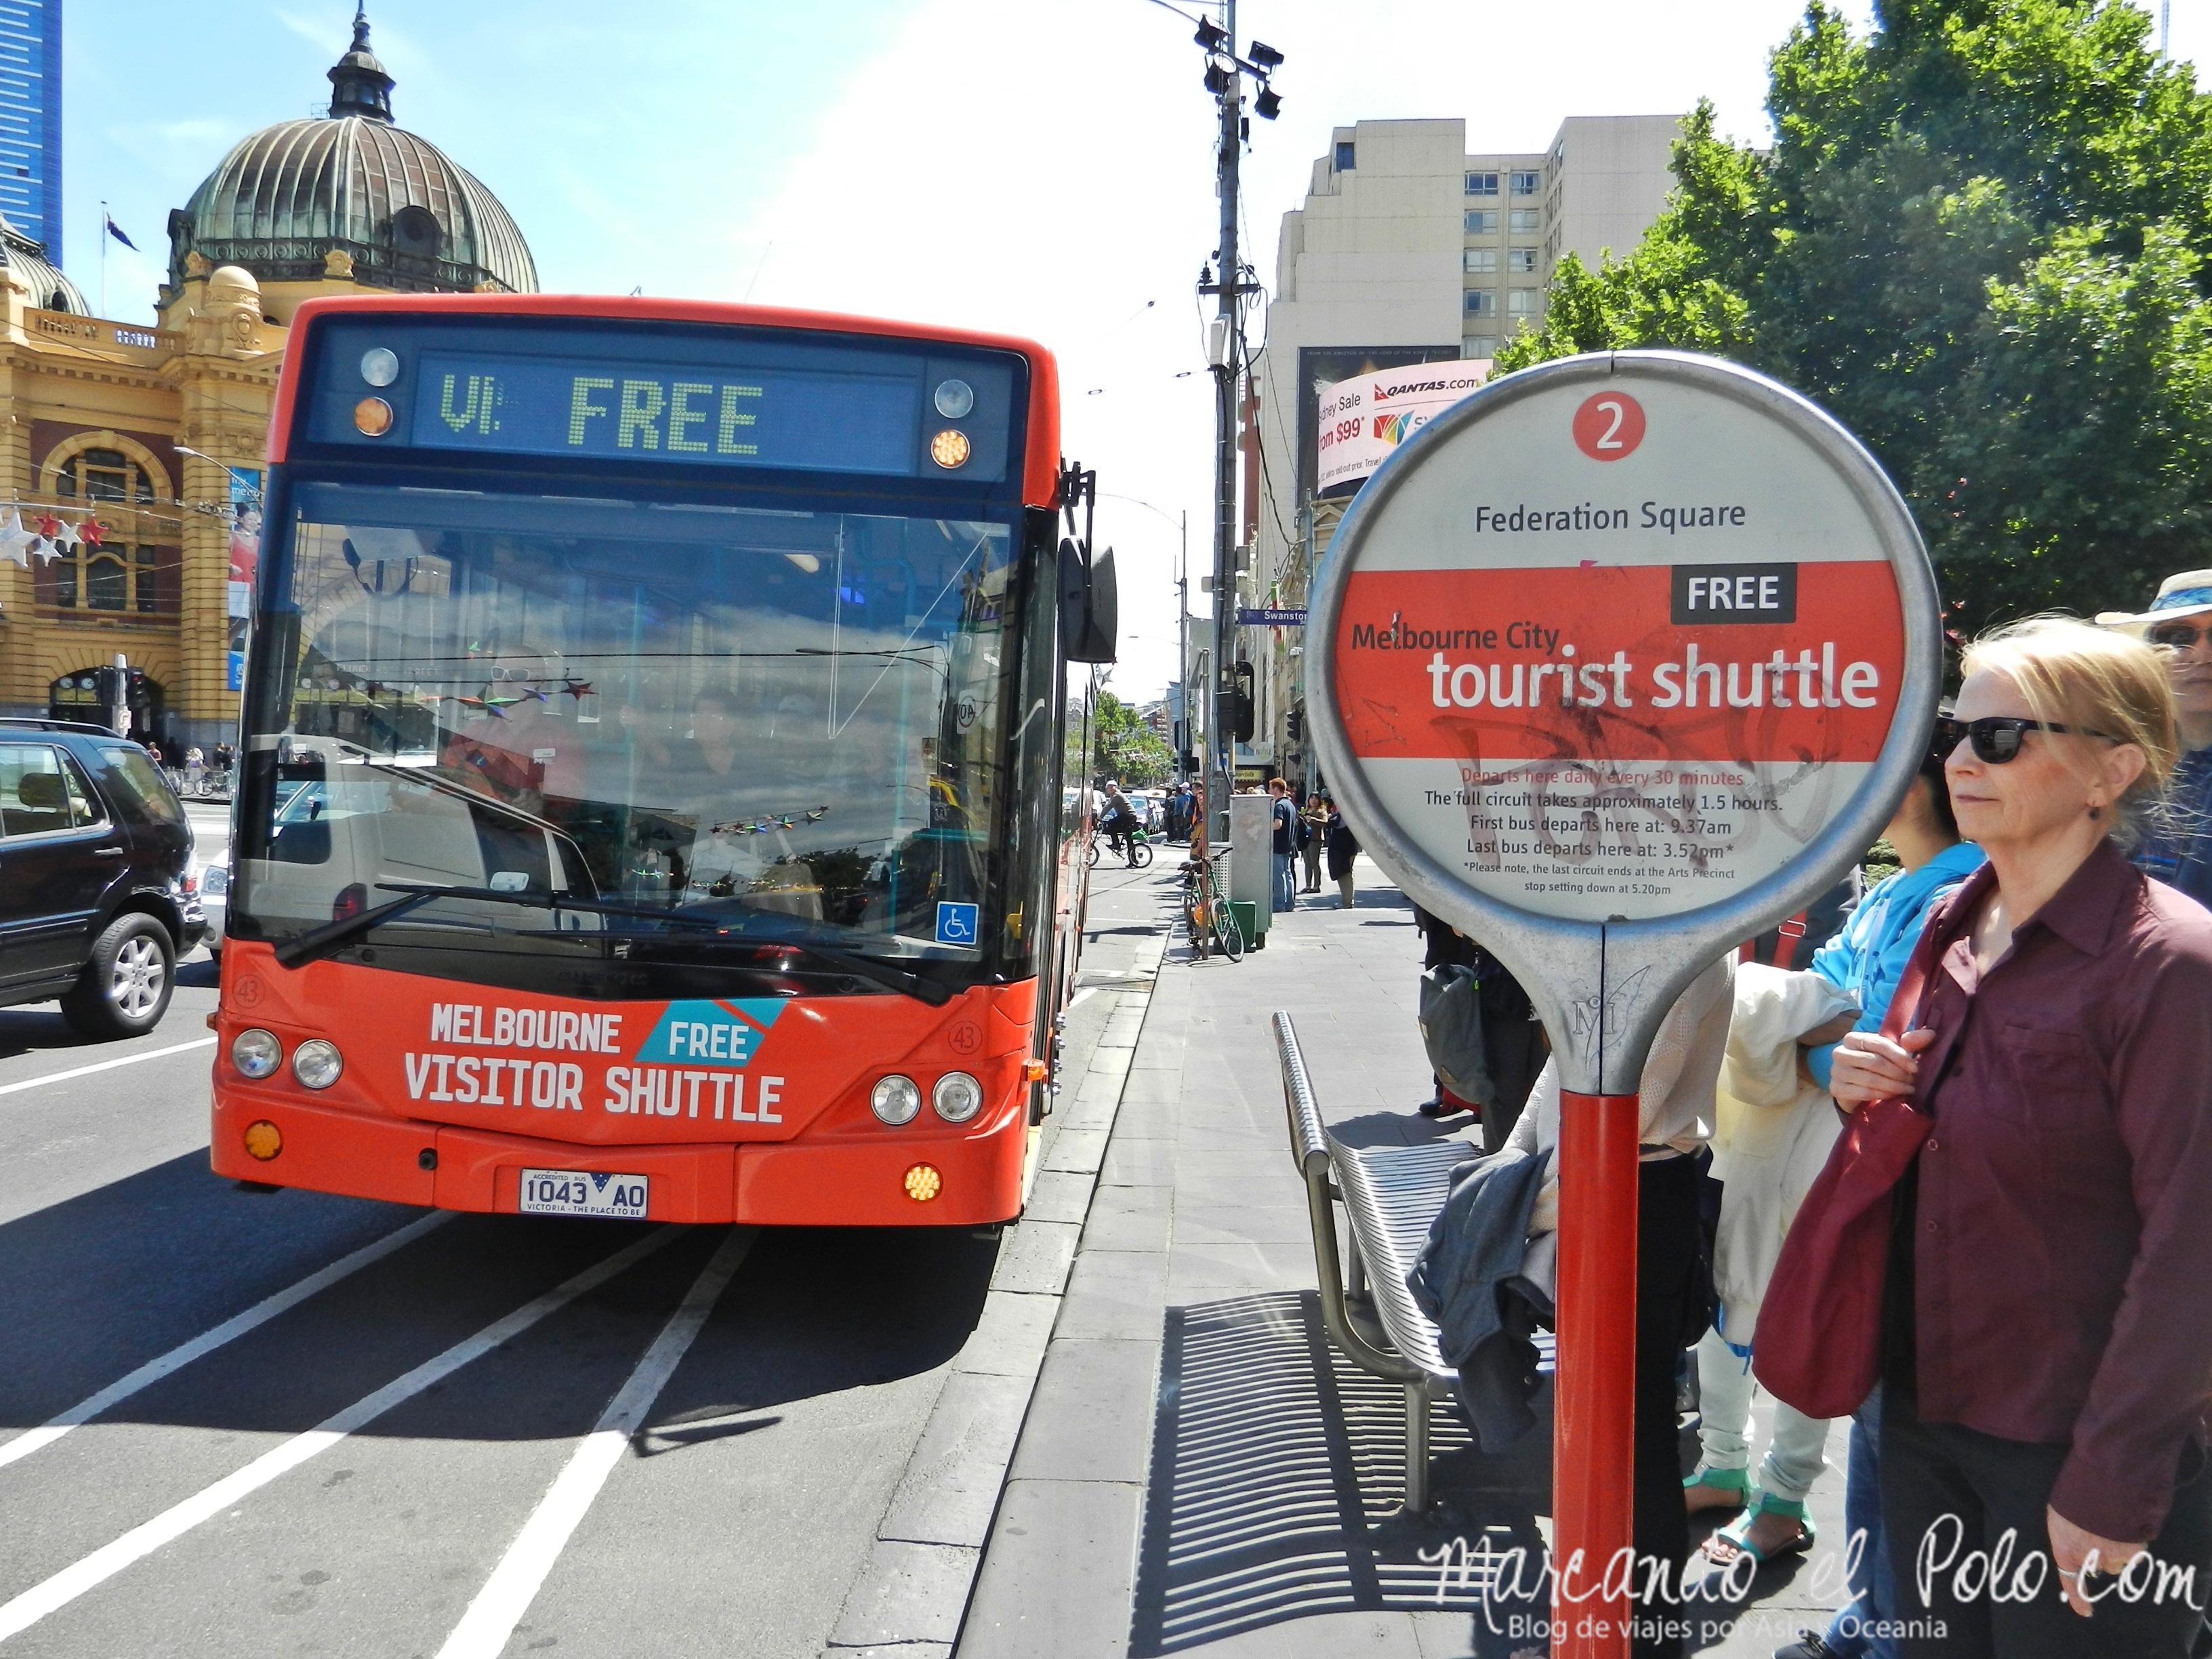 Viajar barato por Melbourne: bus turístico gratuito